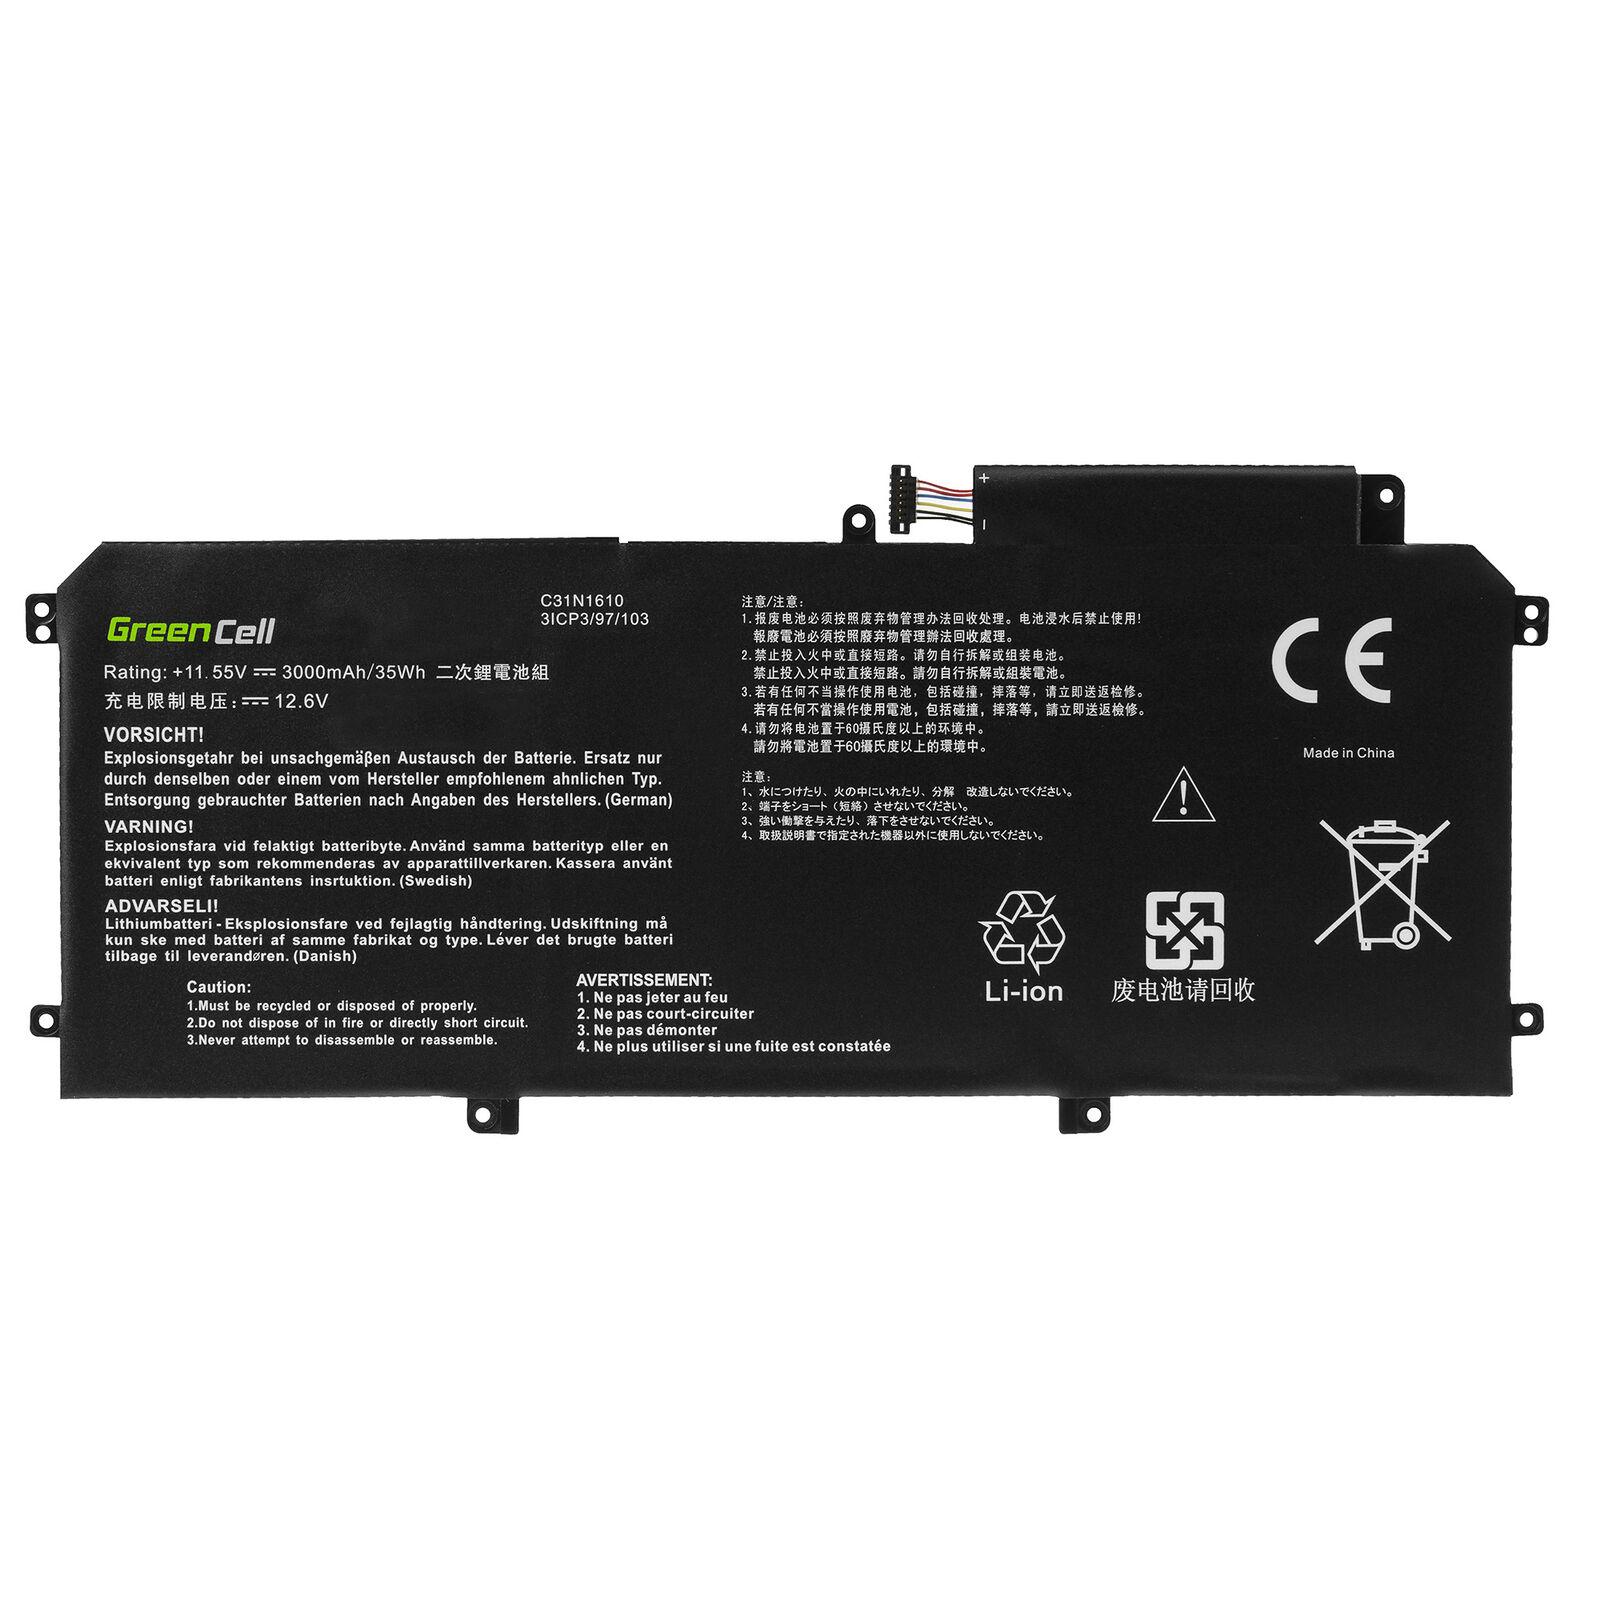 3000mAh Asus ZenBook UX330C UX330CA C31N1610 compatibele Accu